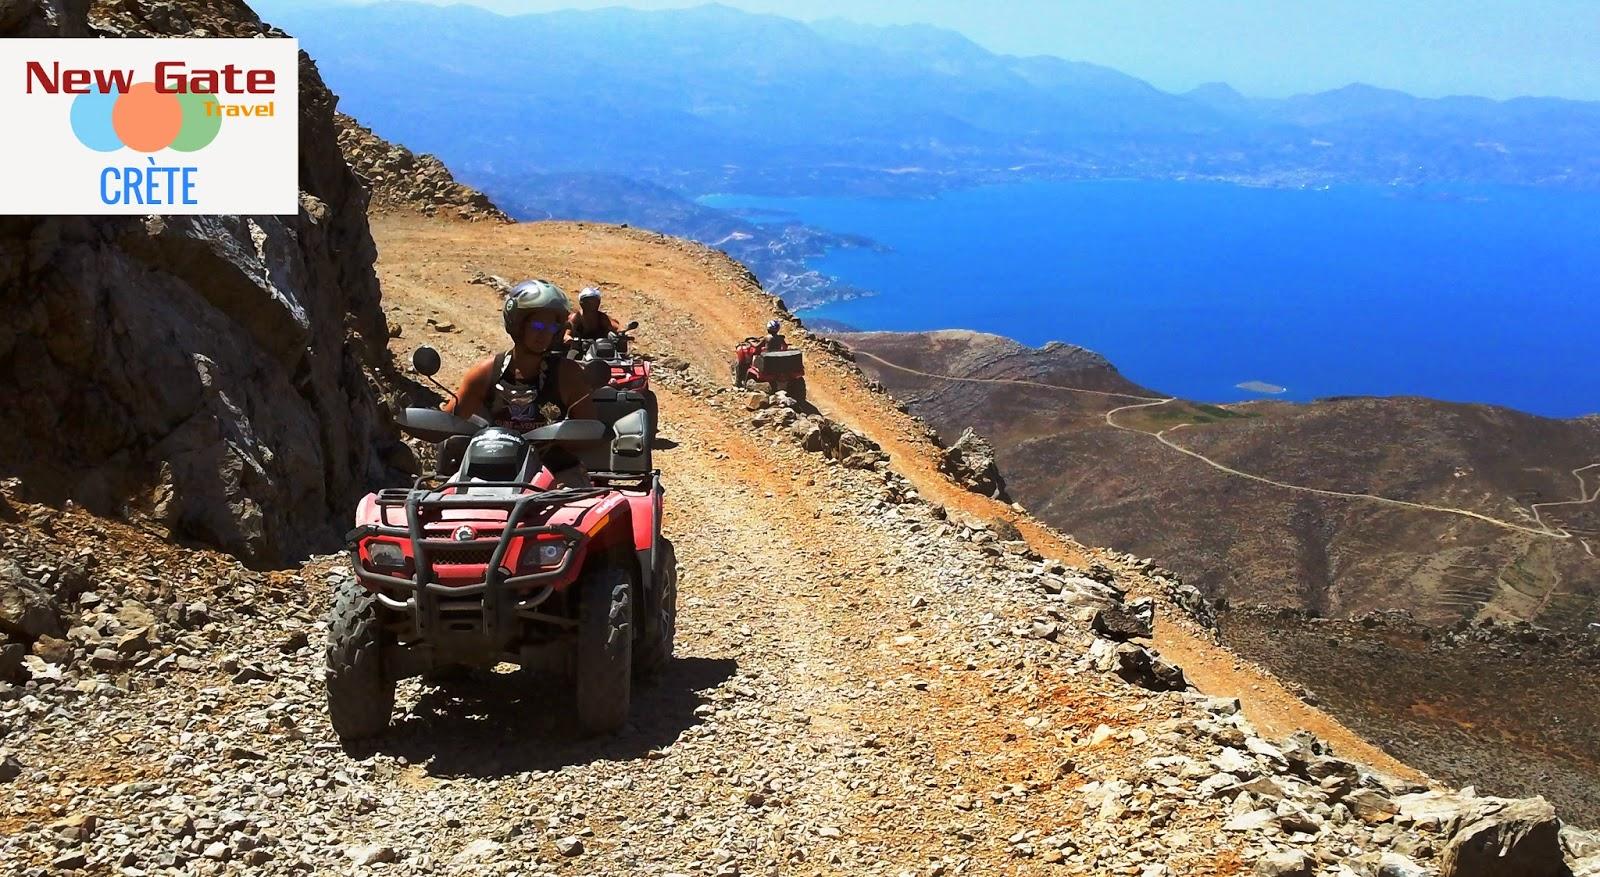 Randonnée quad en Crète